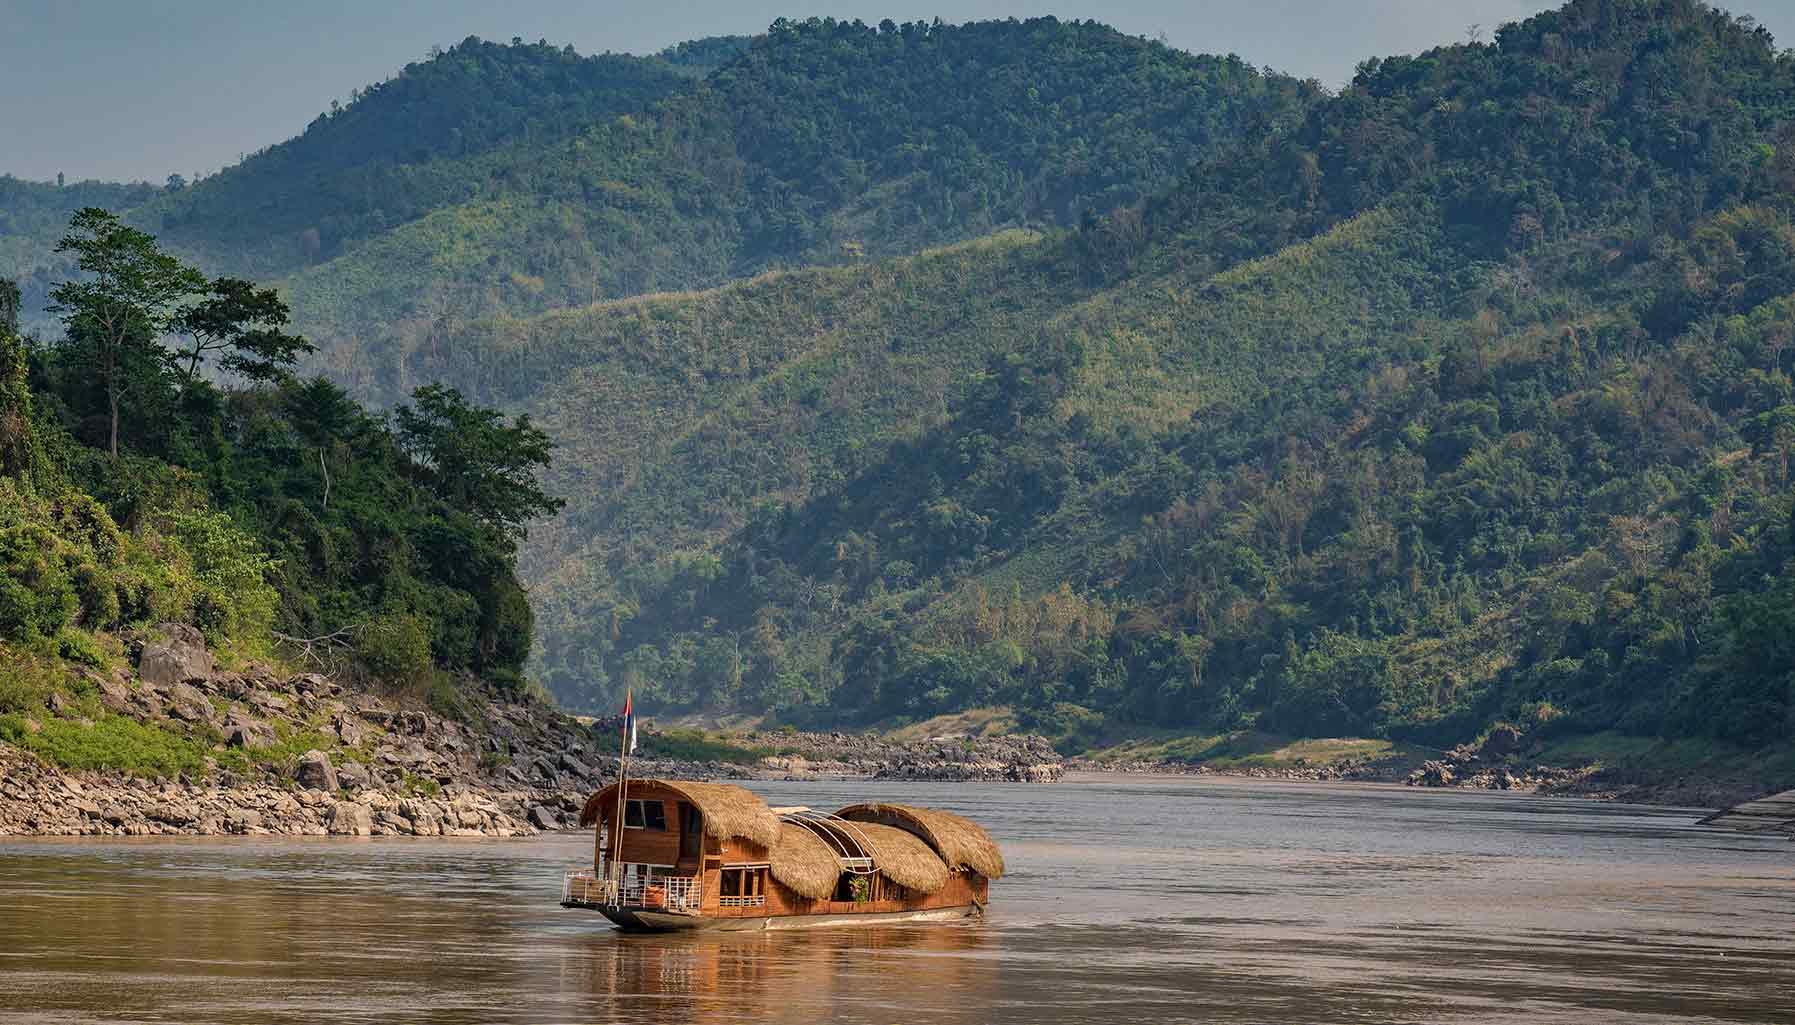 Mekong Kingdoms, Gypsy, Mekong cruise, Luang Prabang, Chiang Saen